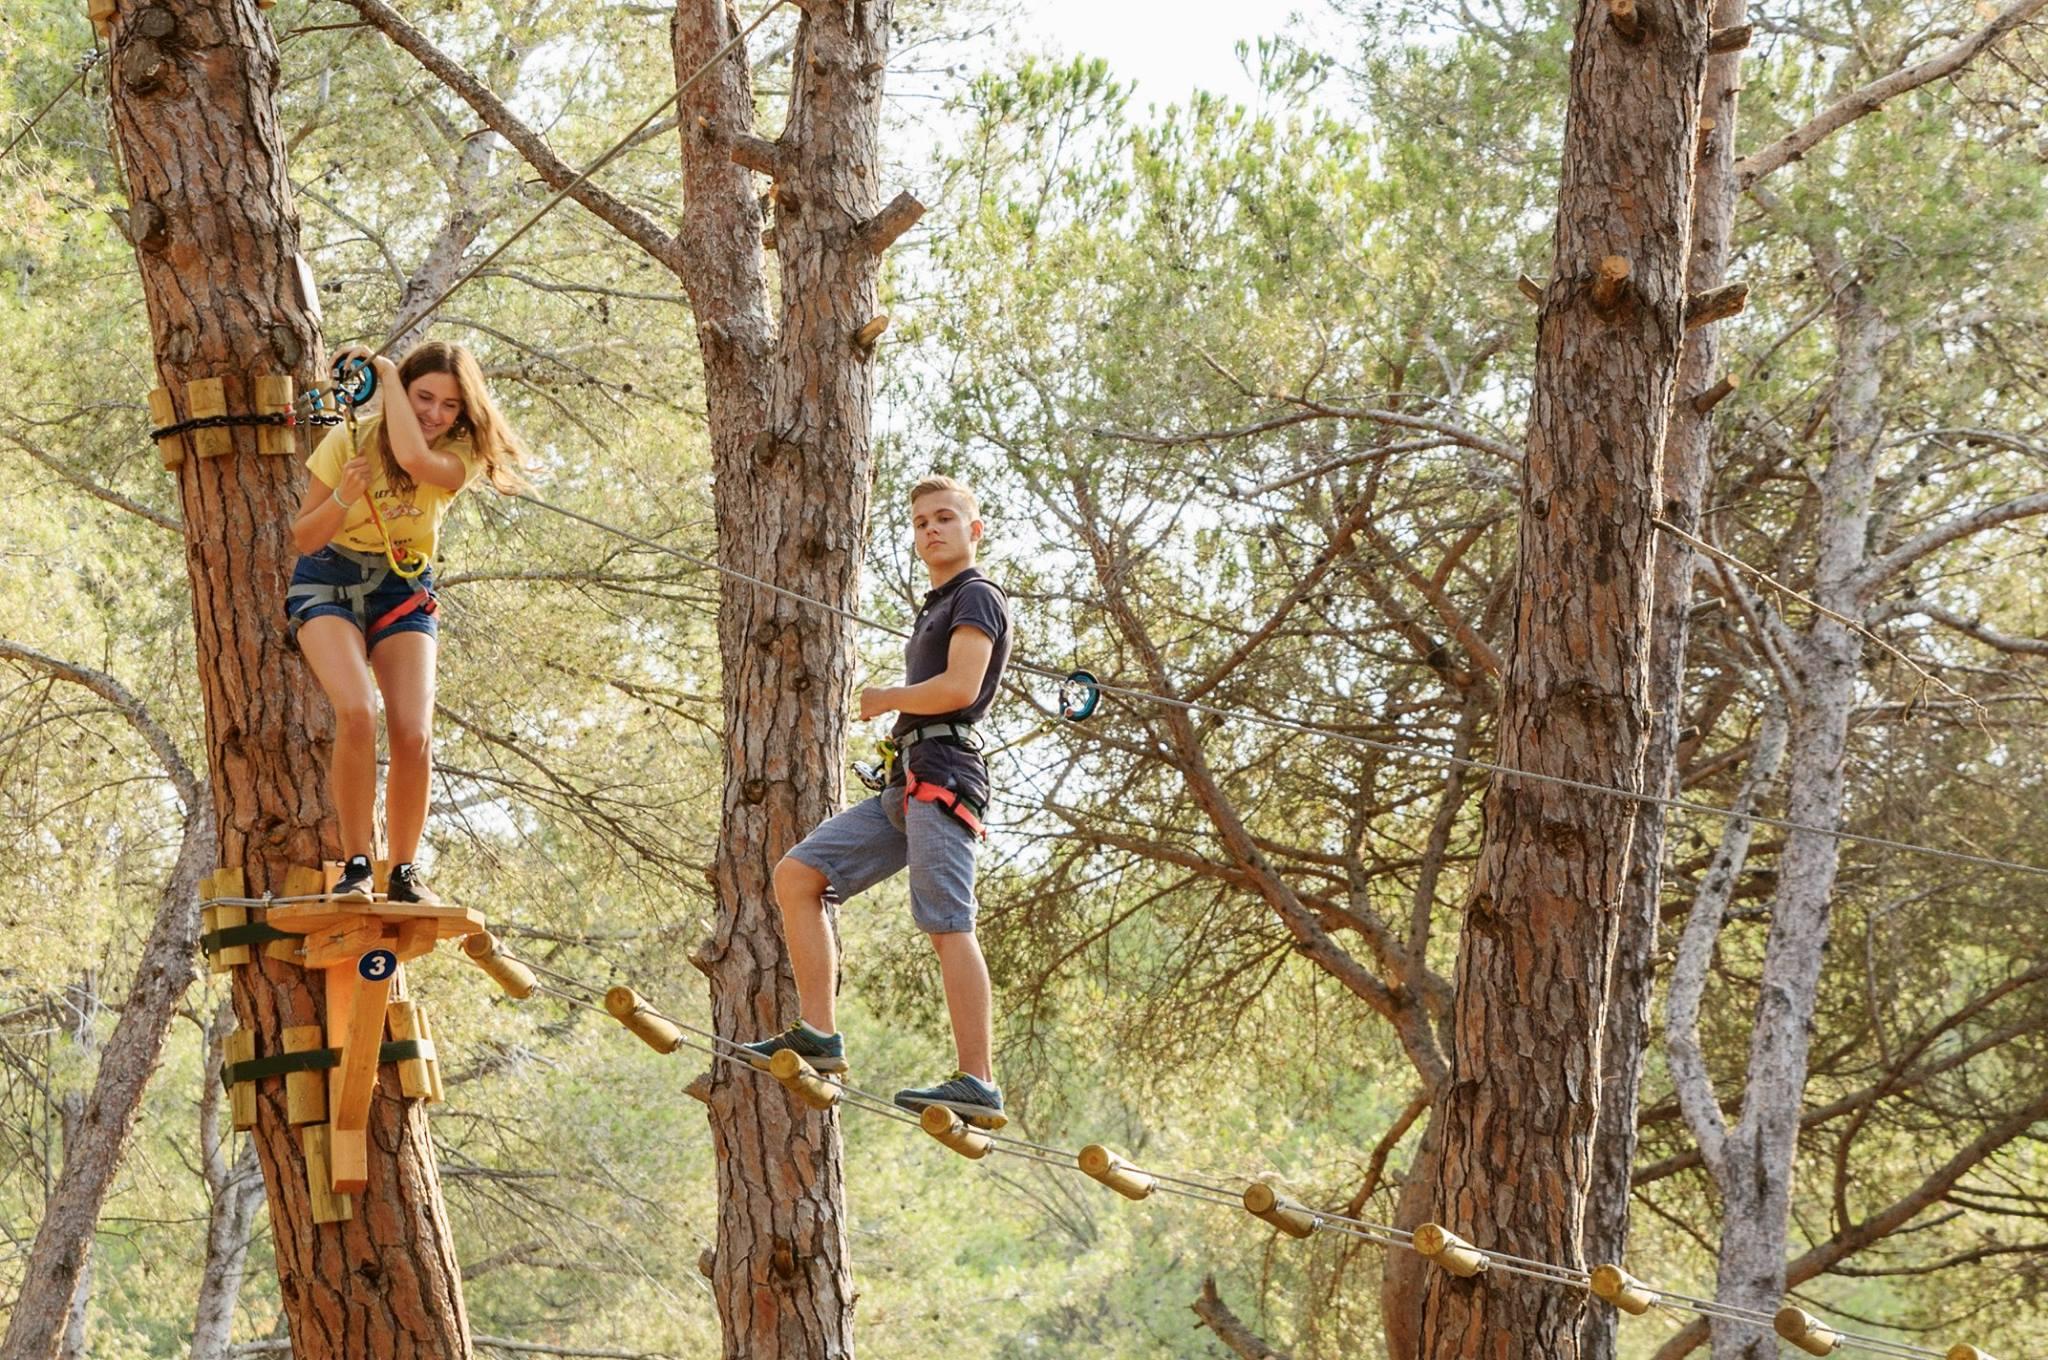 Parcours dans les arbres à lloret de mar - Gérone - troll-aventura.jpg